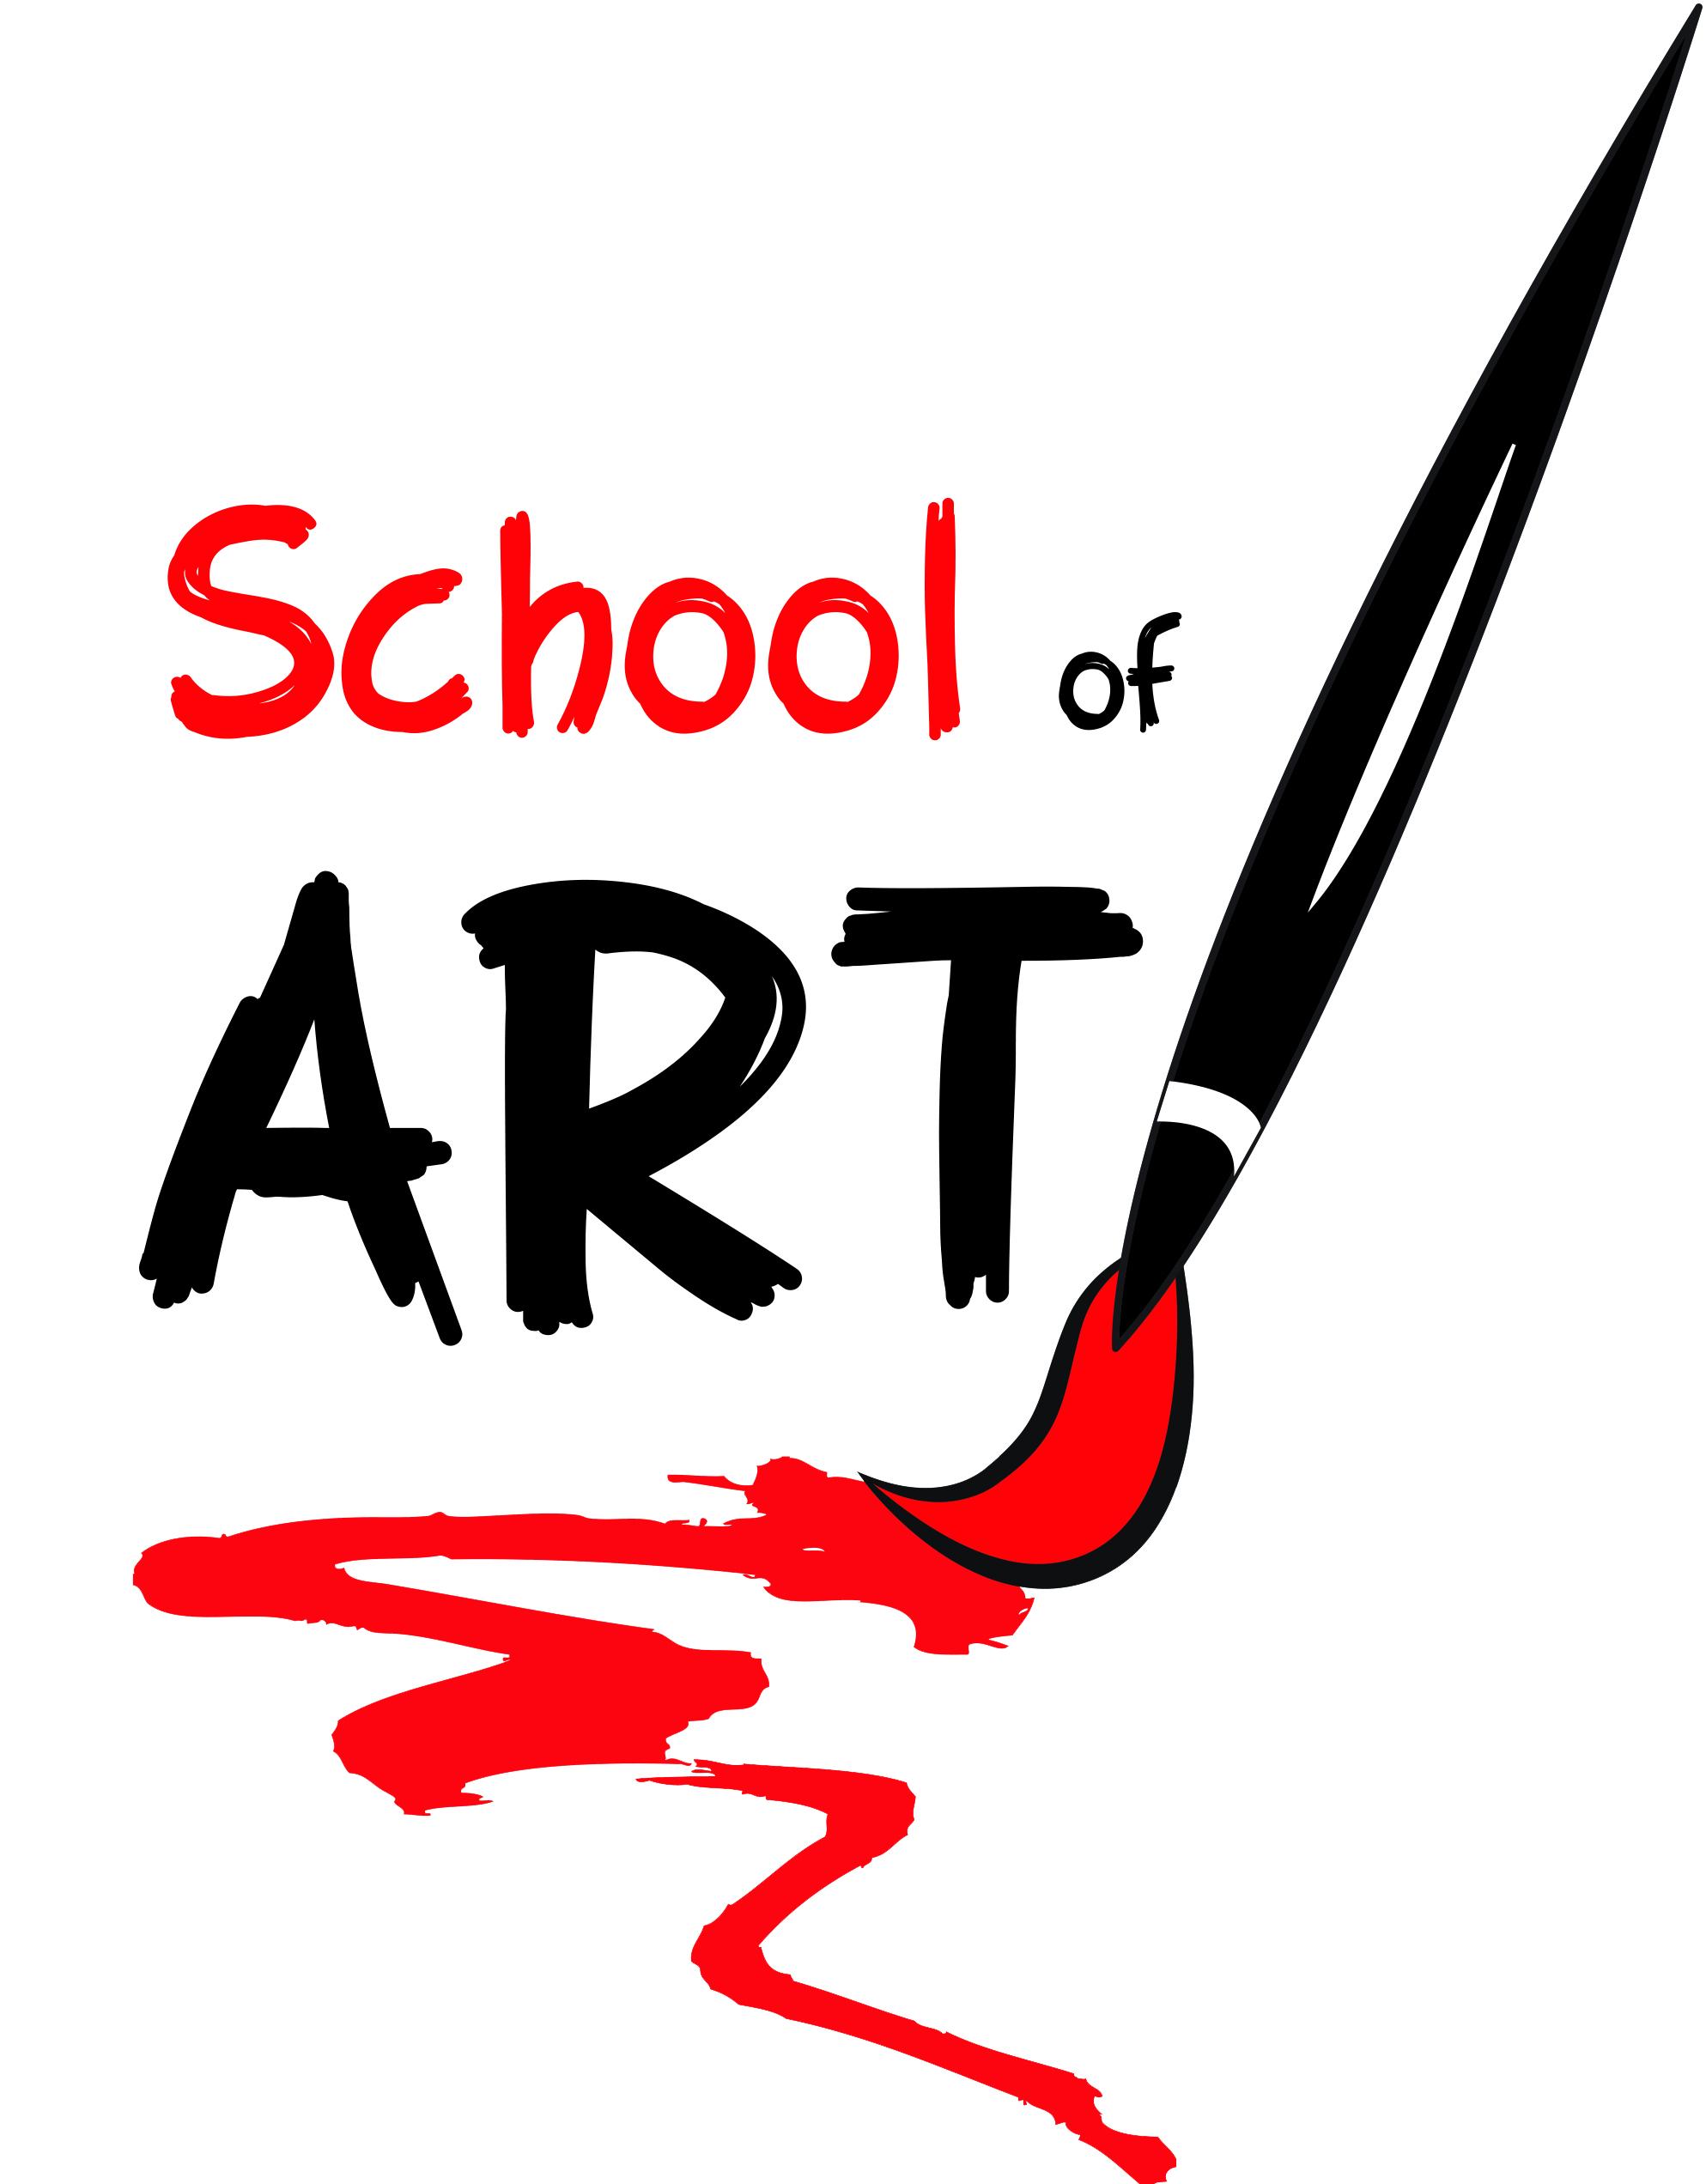 School of ART logo.jpg